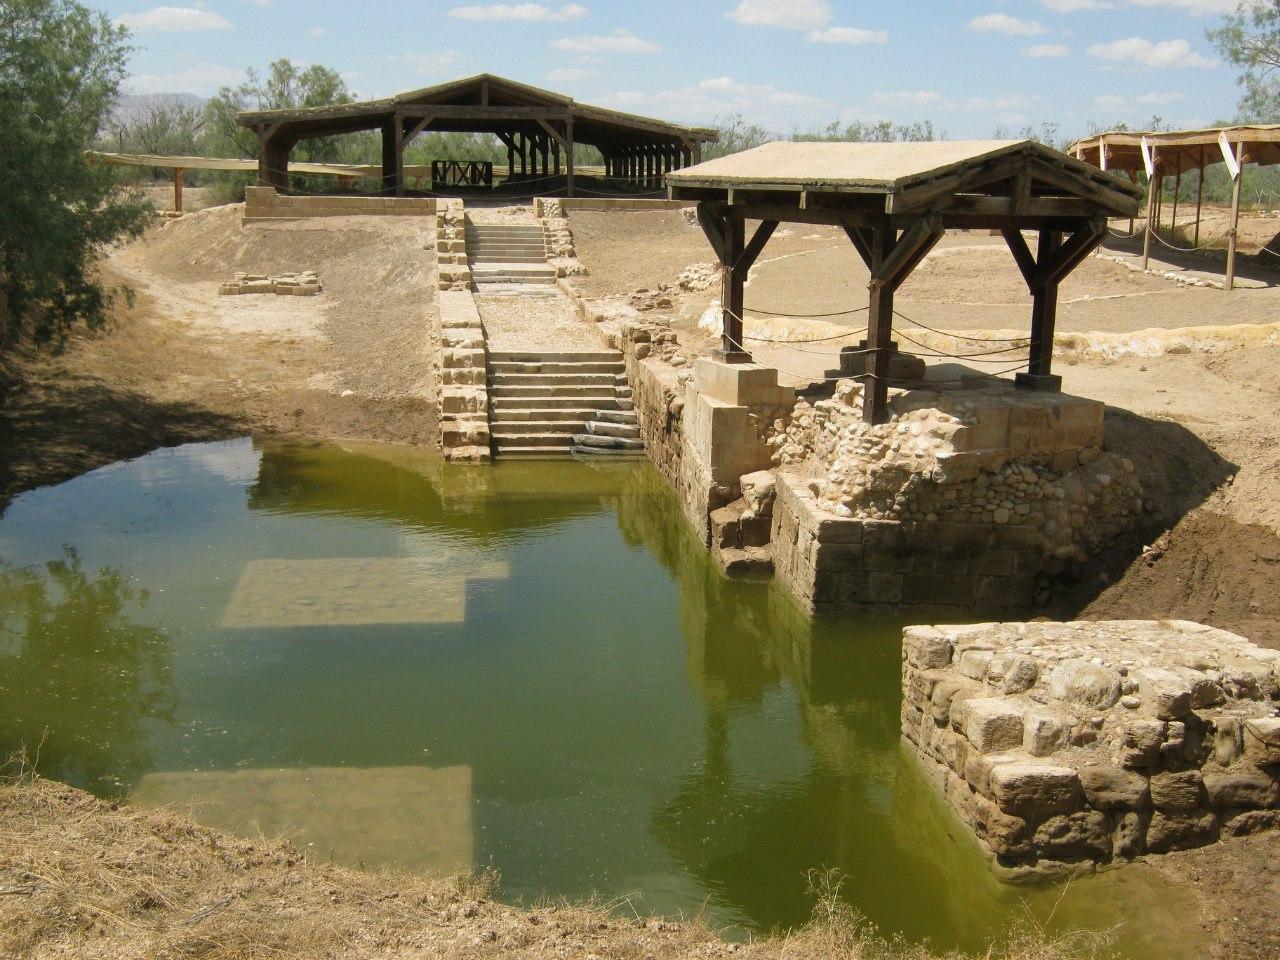 маршрут паломников в месте крещения Иисуса Христа.